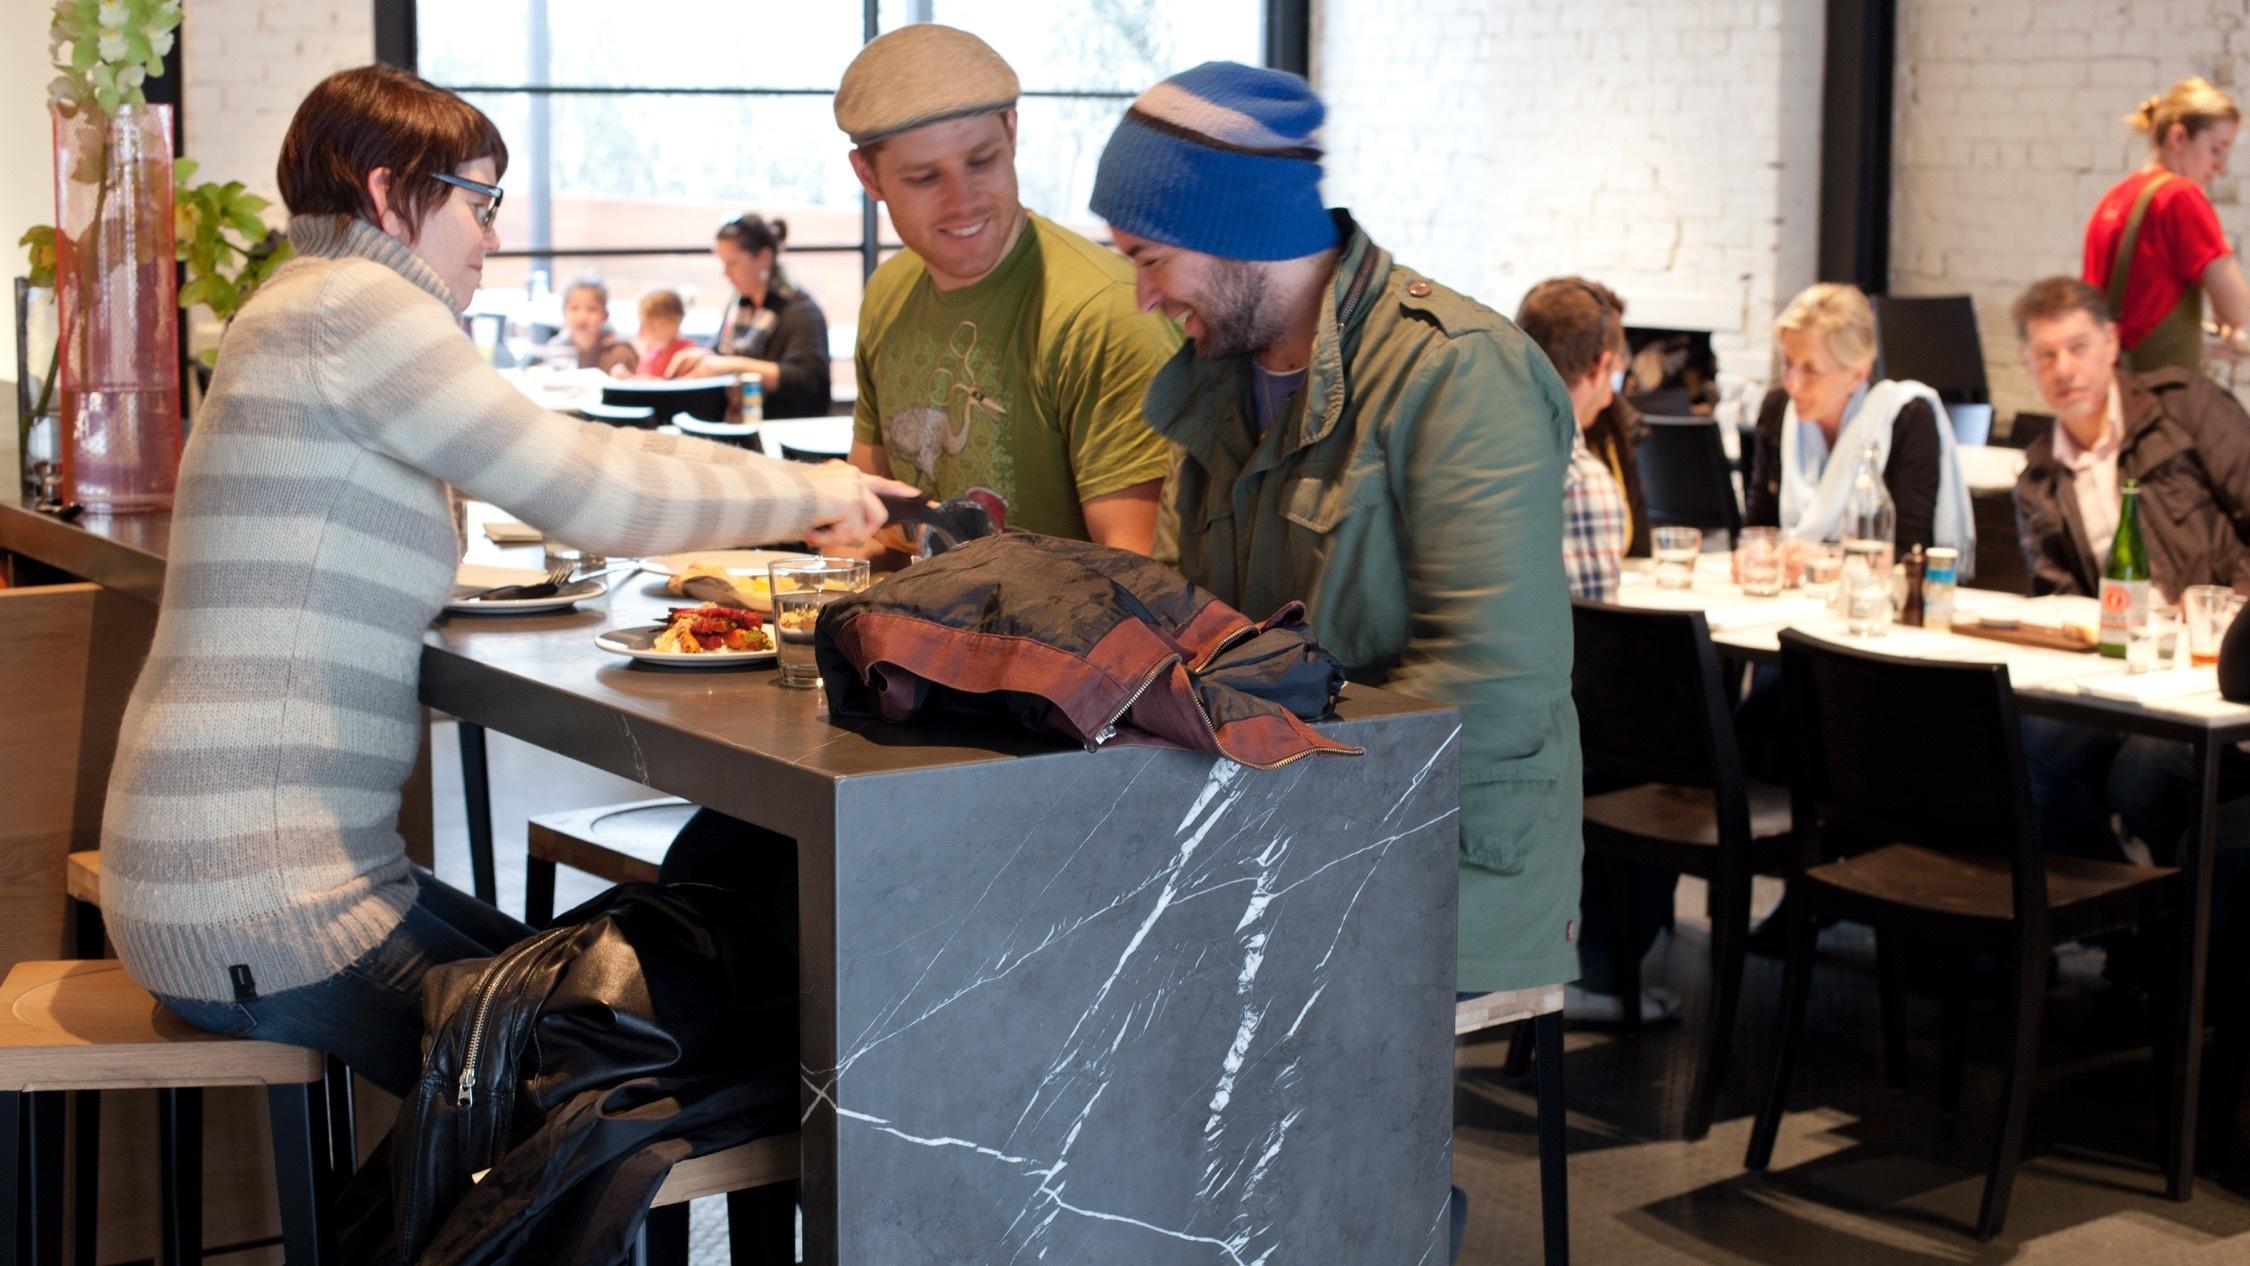 Restaurant Reviews Melbourne Restaurants Time Out Lgs Slim Fit Youth Boy Giant Leap Merah S Photograph Daniel Boud